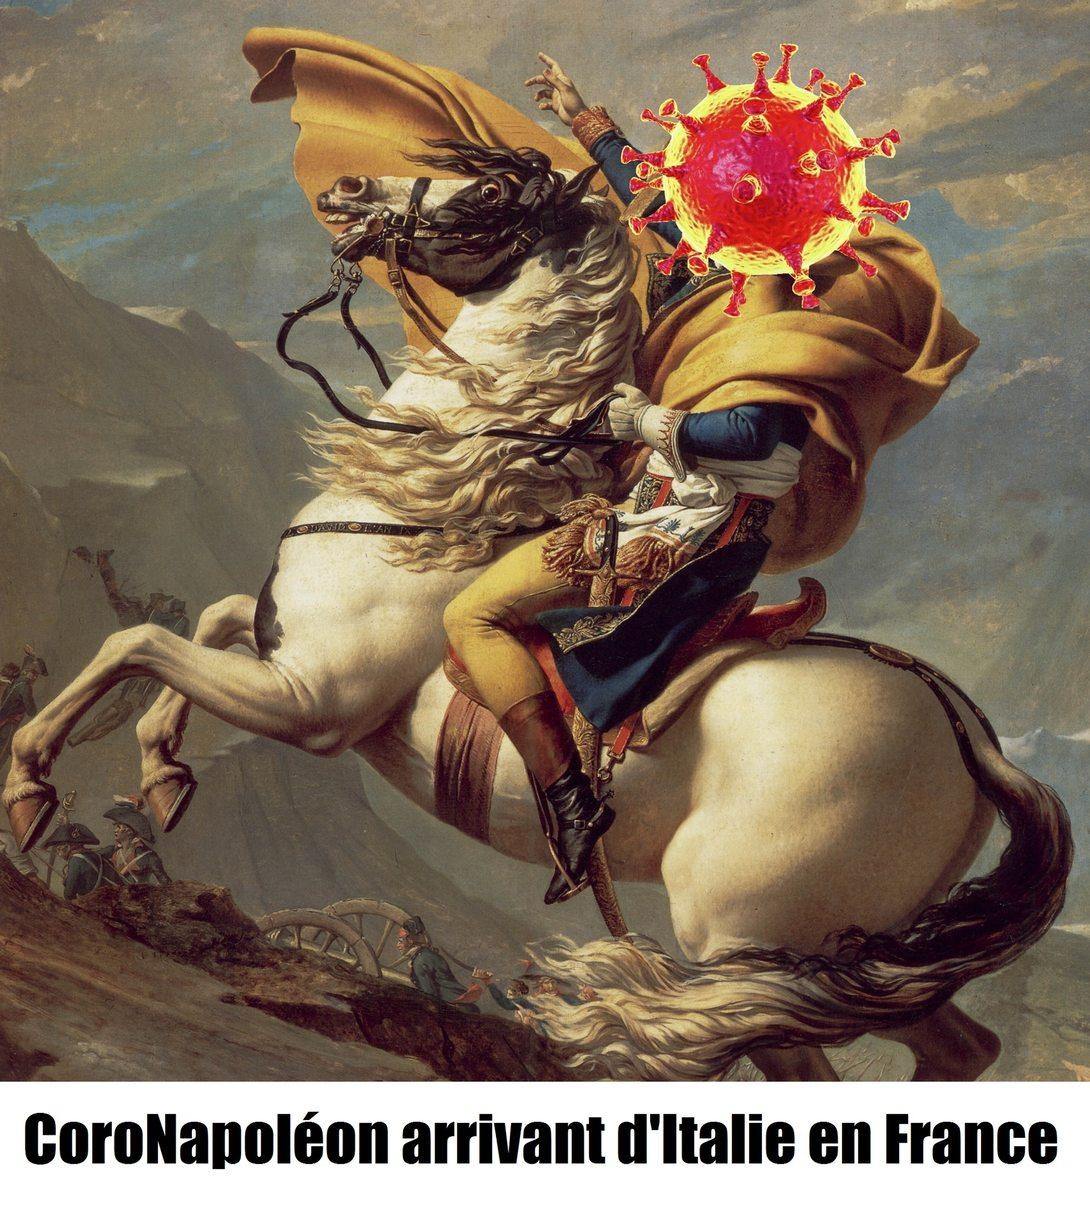 CoroNapoléon arrive - meme